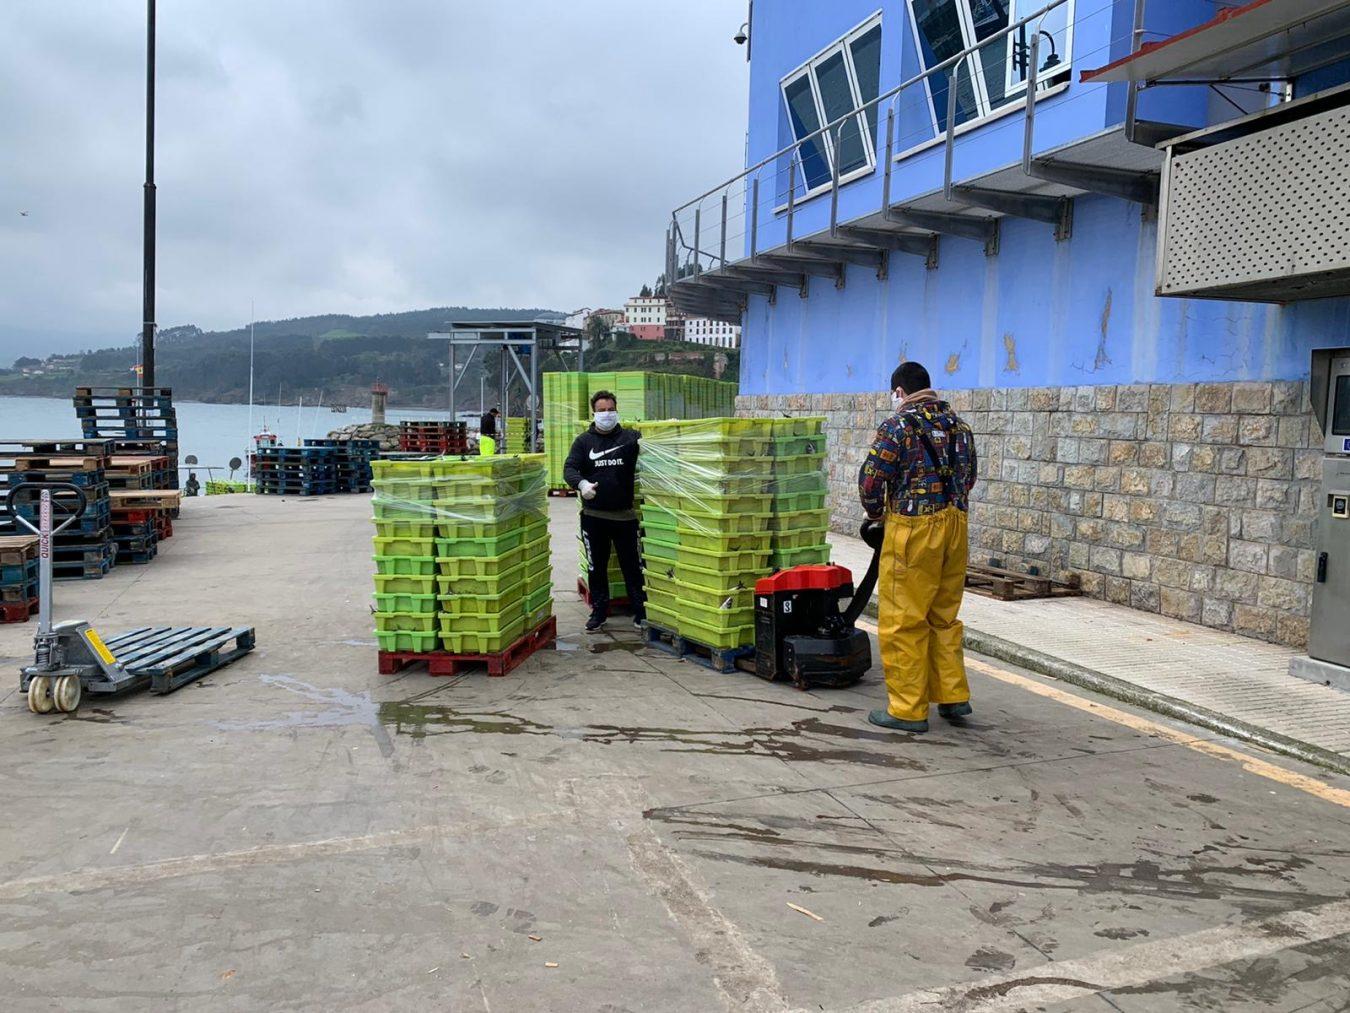 Lastres rechaza el amarre de veinte embarcaciones durante la costera de la xarda debido al Covid-19